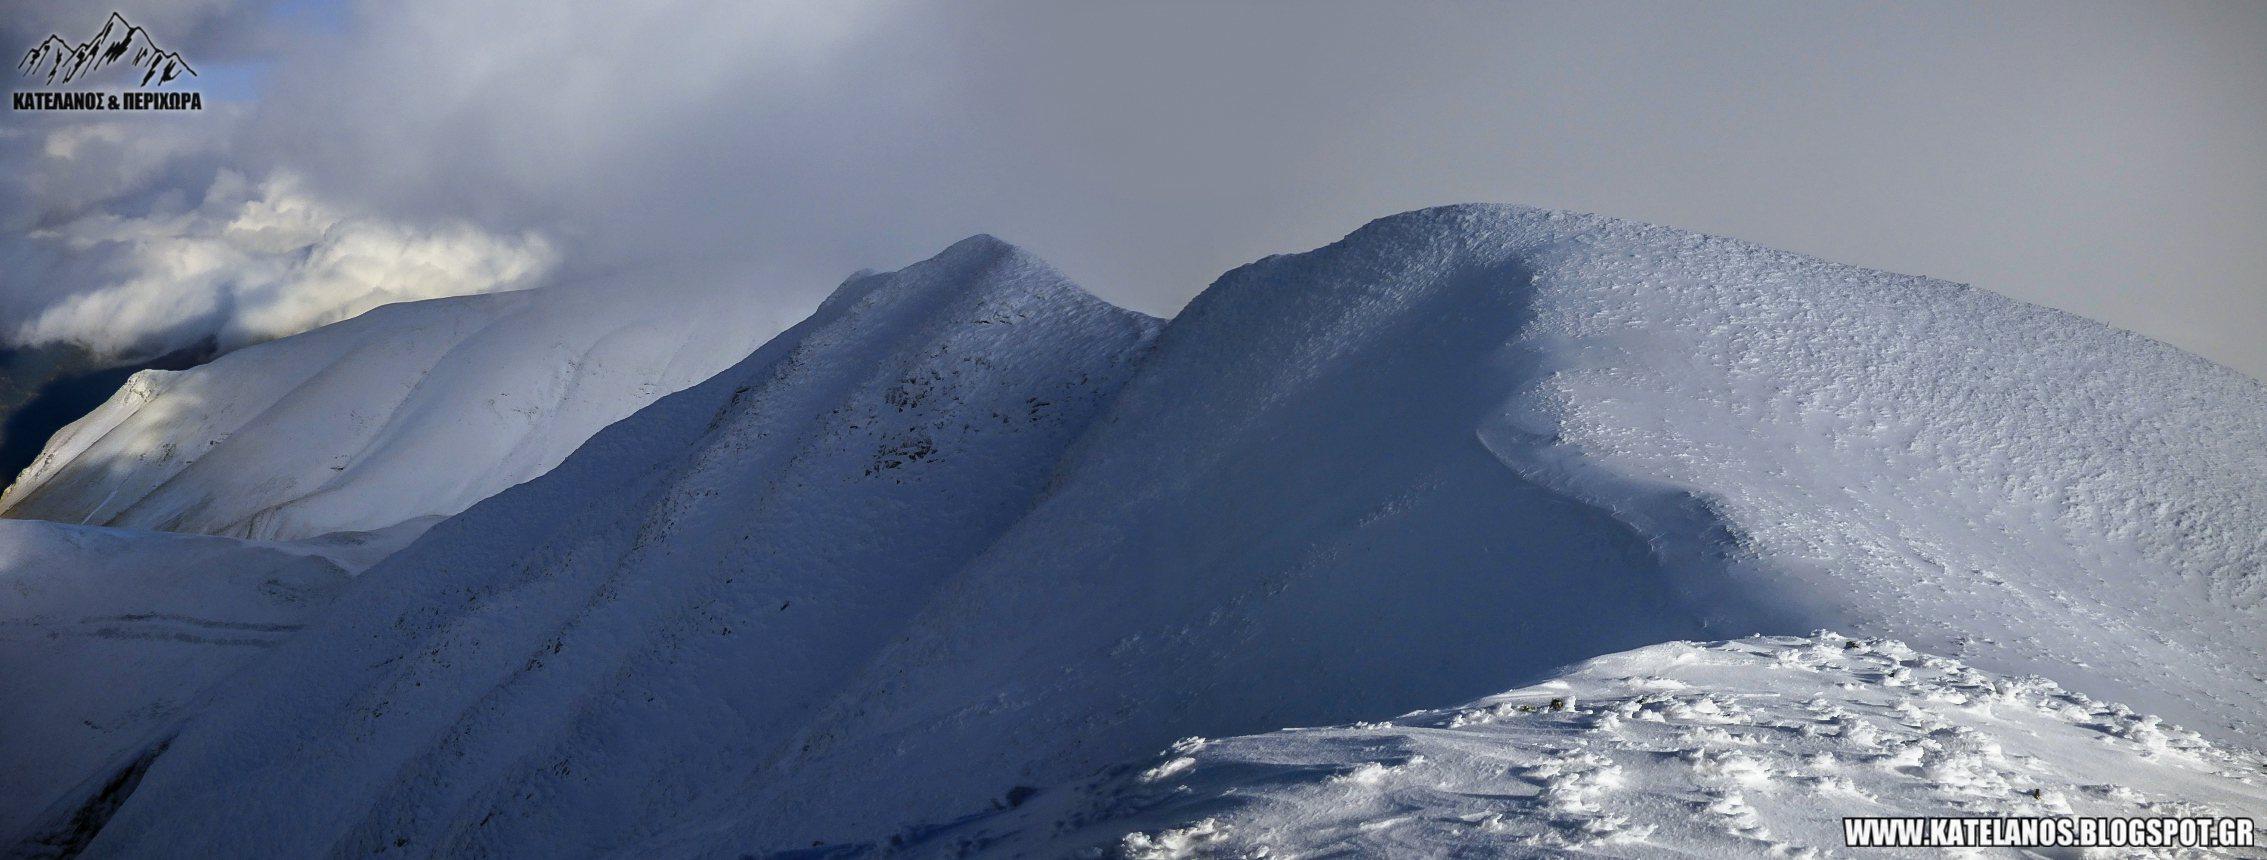 χειμερινο βουνο ευρυτανιας βελουχι συμπεθερικο